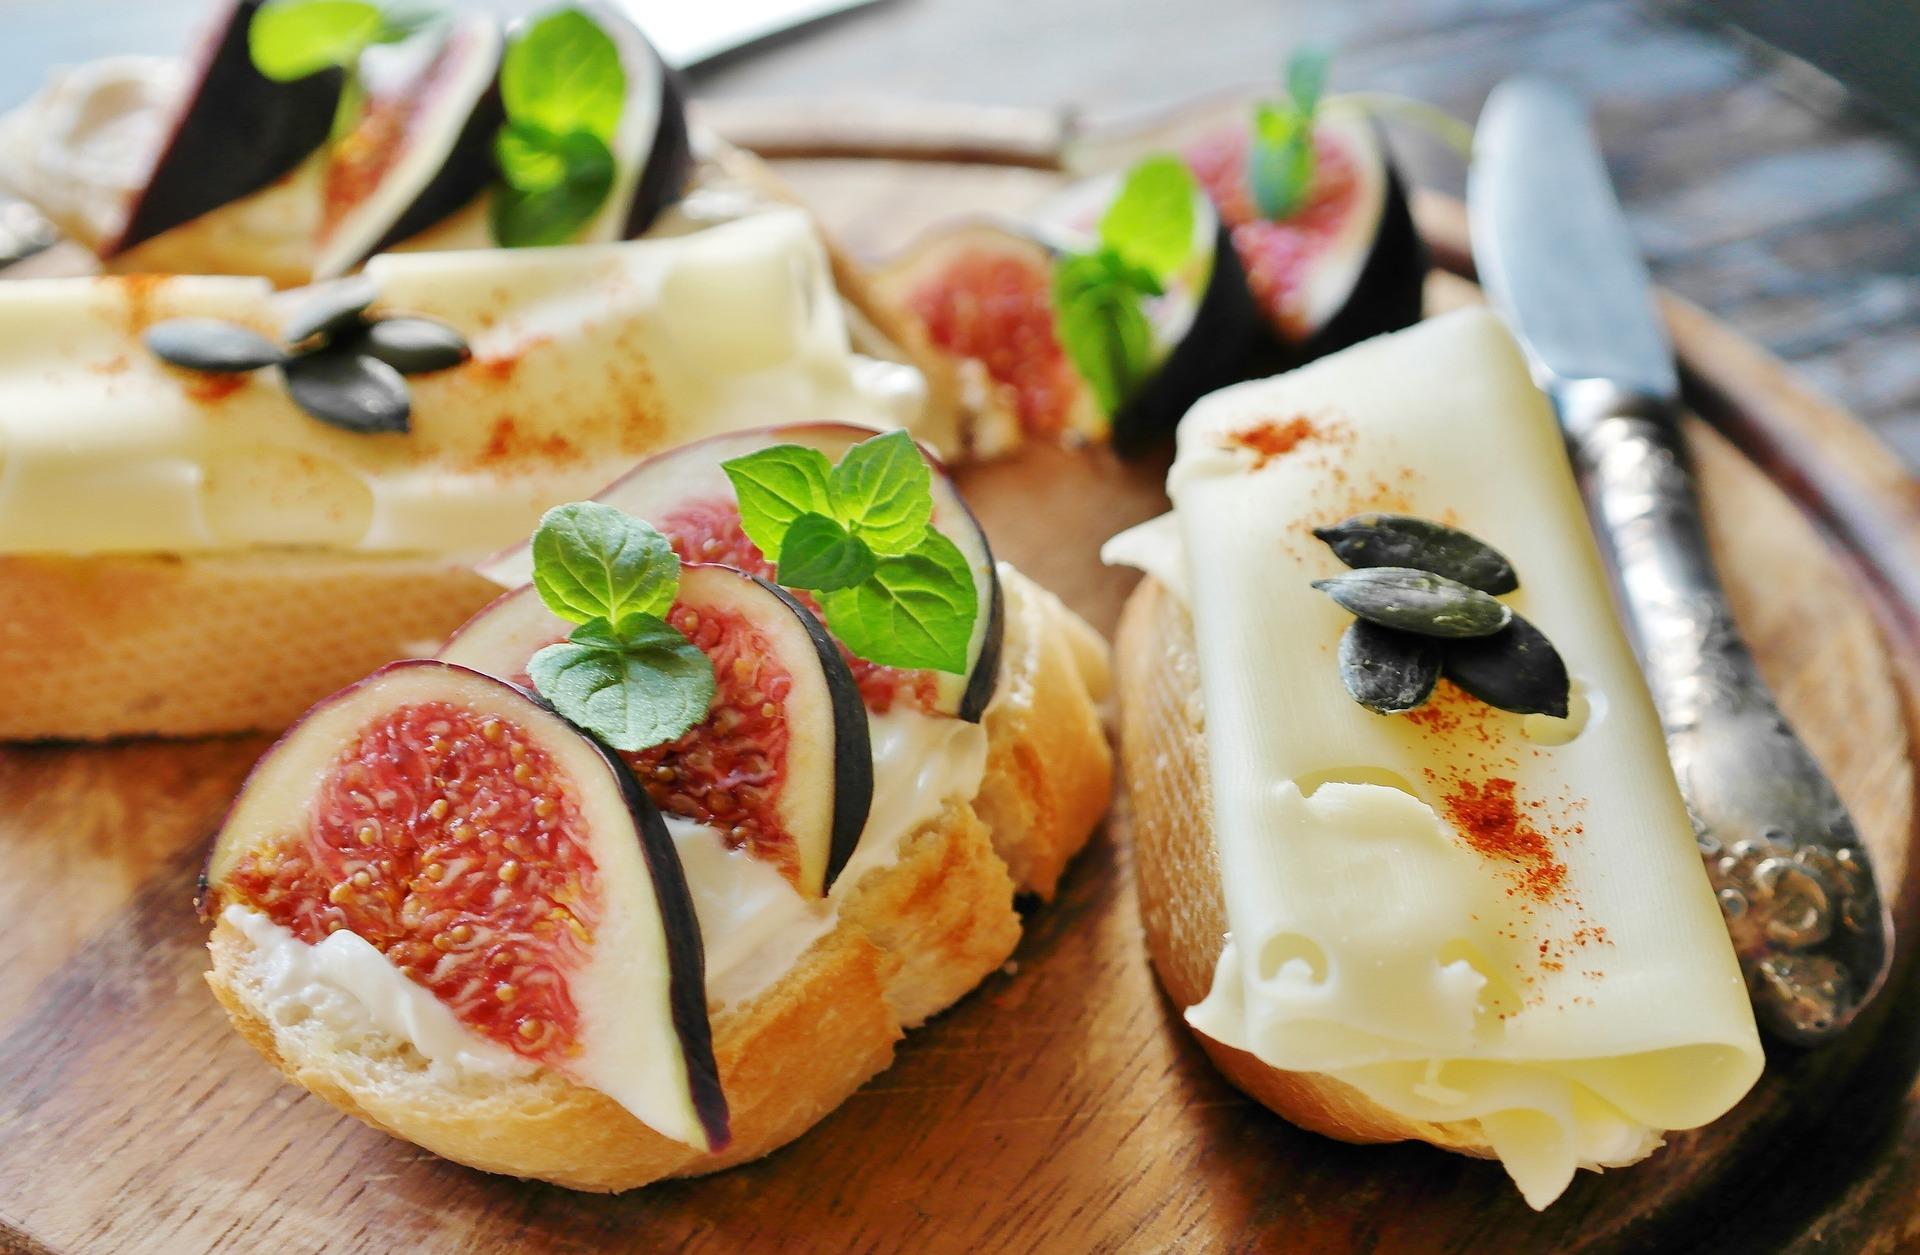 Antipasti Di Natale In Toscana.Pranzo Di Natale Tradizionale Toscano Le Migliori Pietanze Food Blog